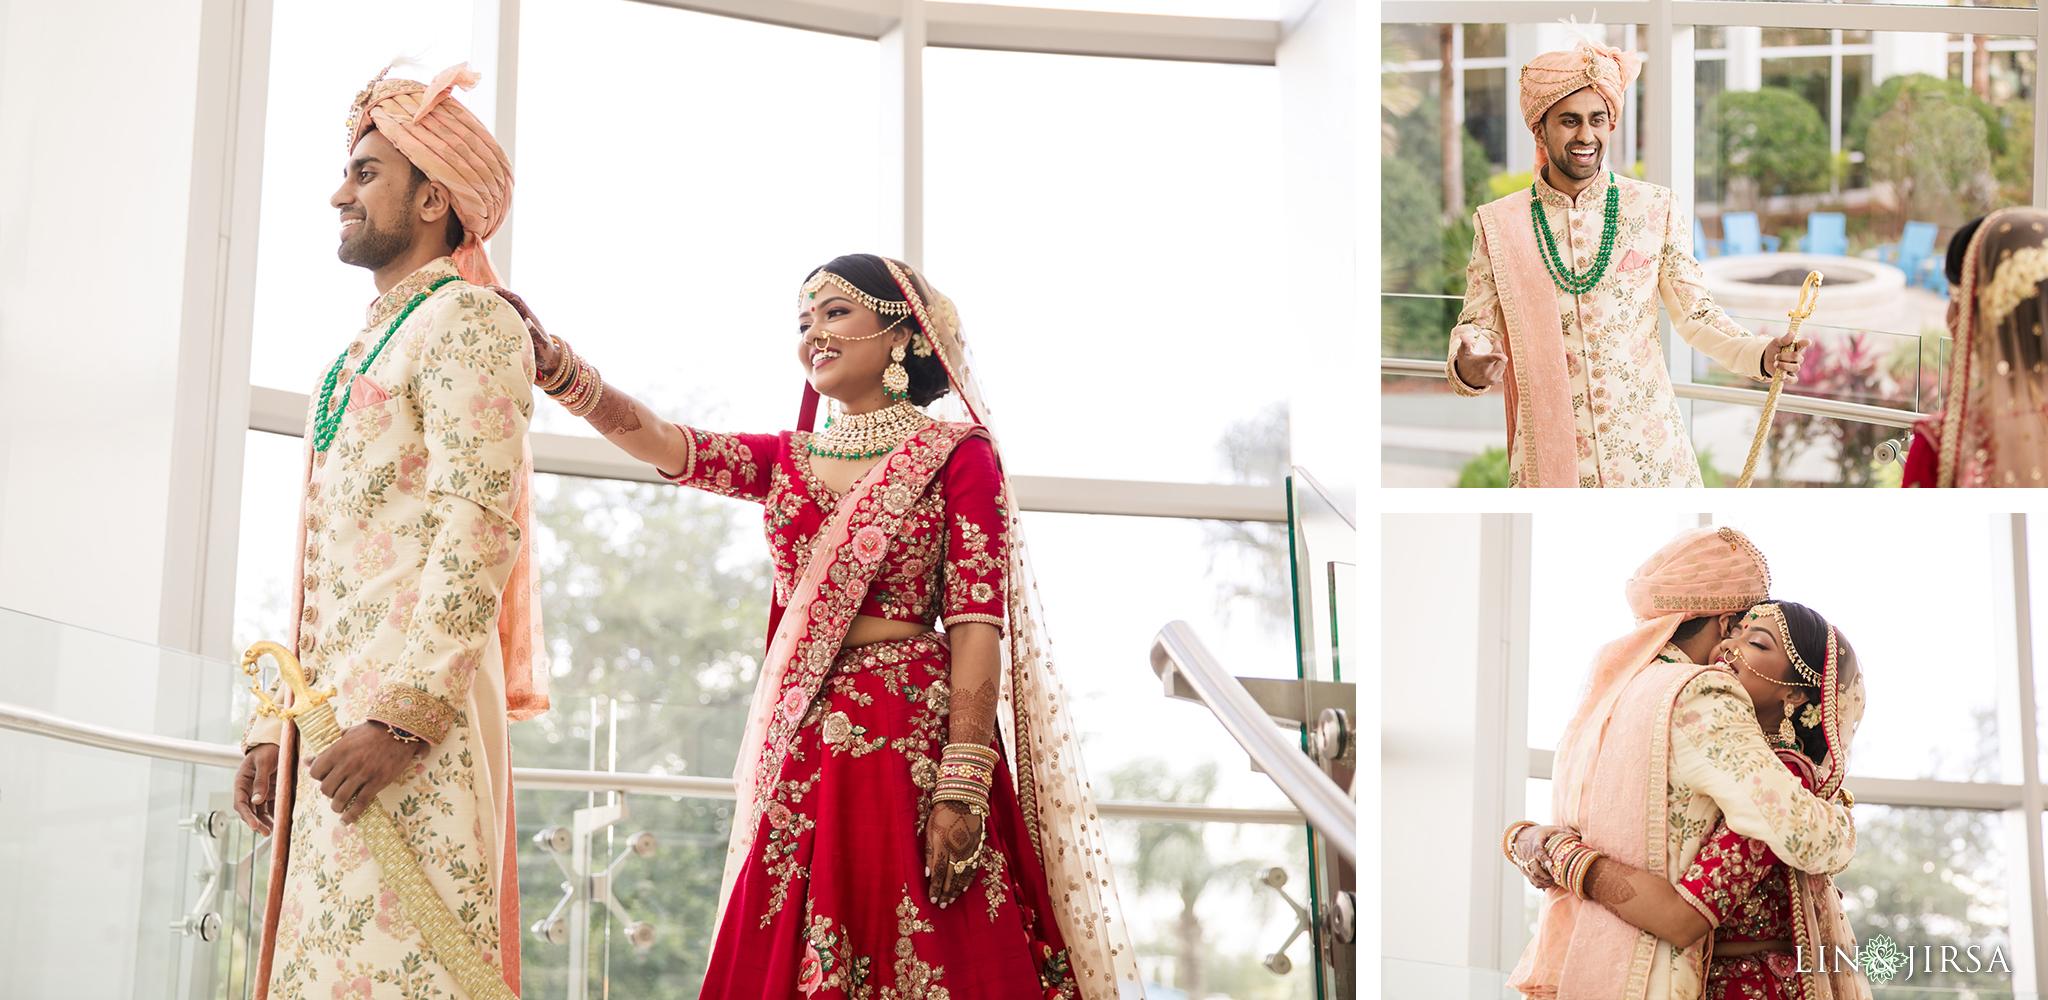 08 The Hilton Orlando Florida Indian Wedding Photography